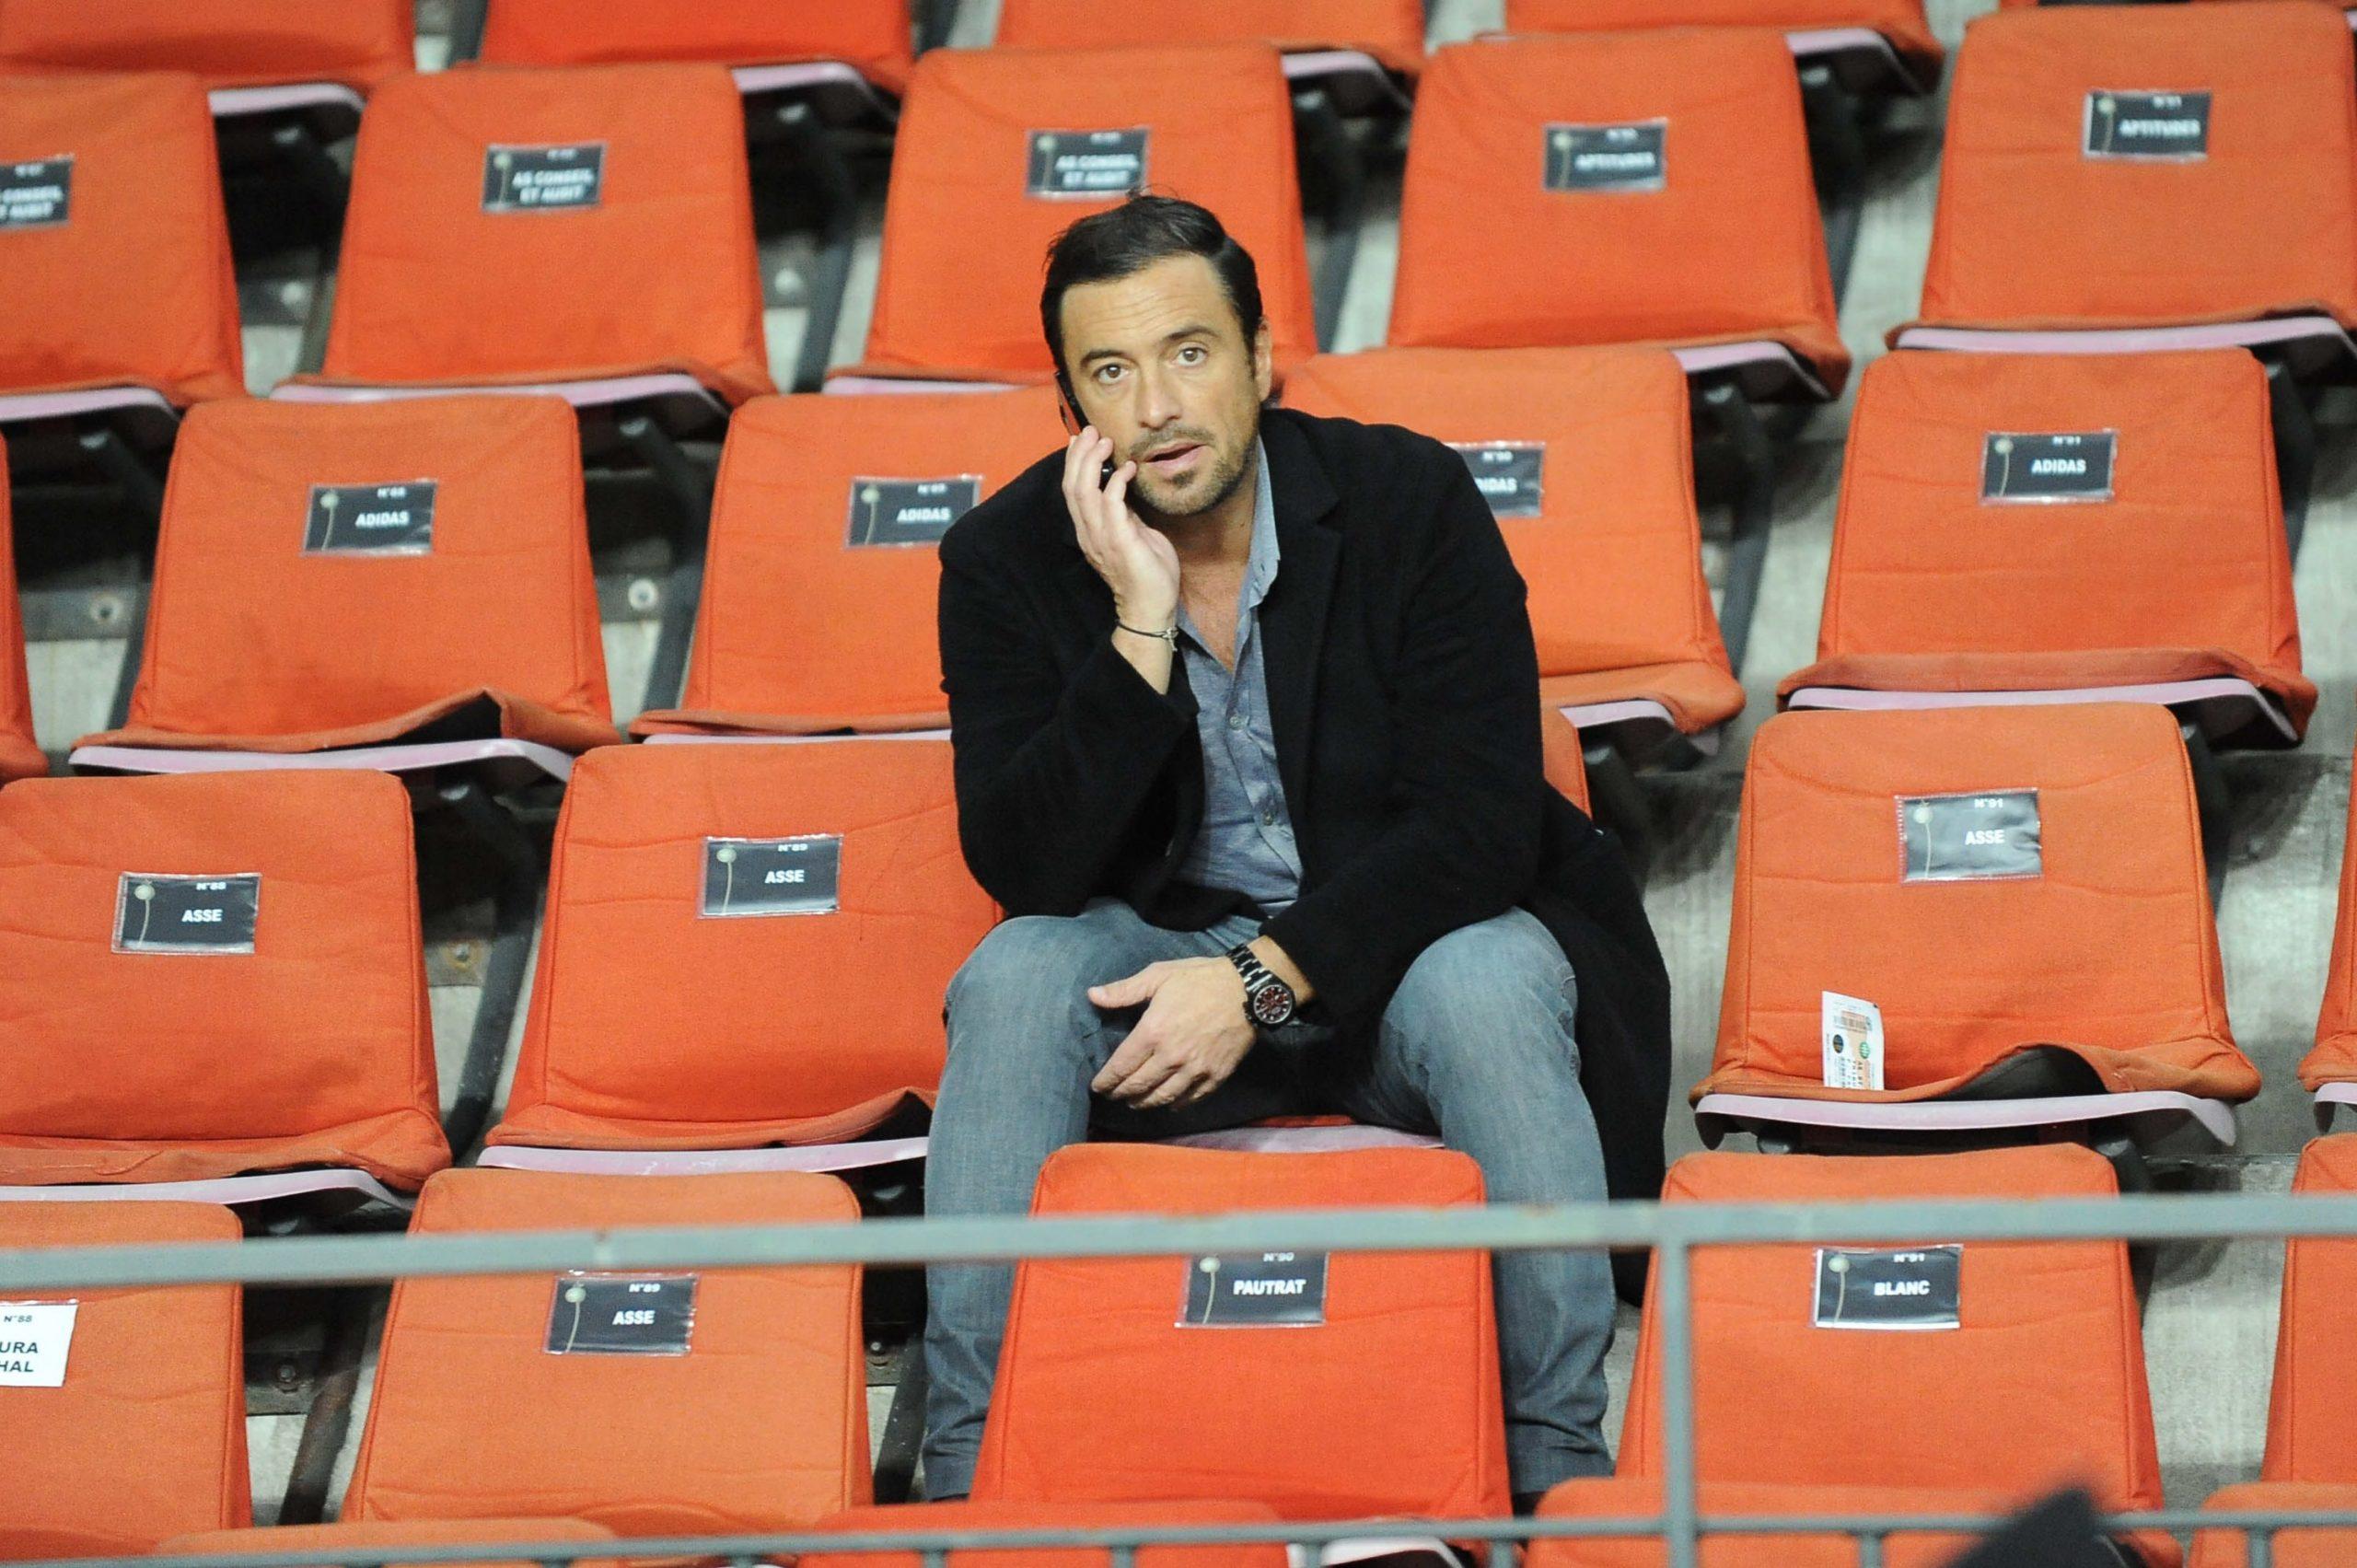 David Venditelli évoque l'inquiétude des joueurs en fin de contrat